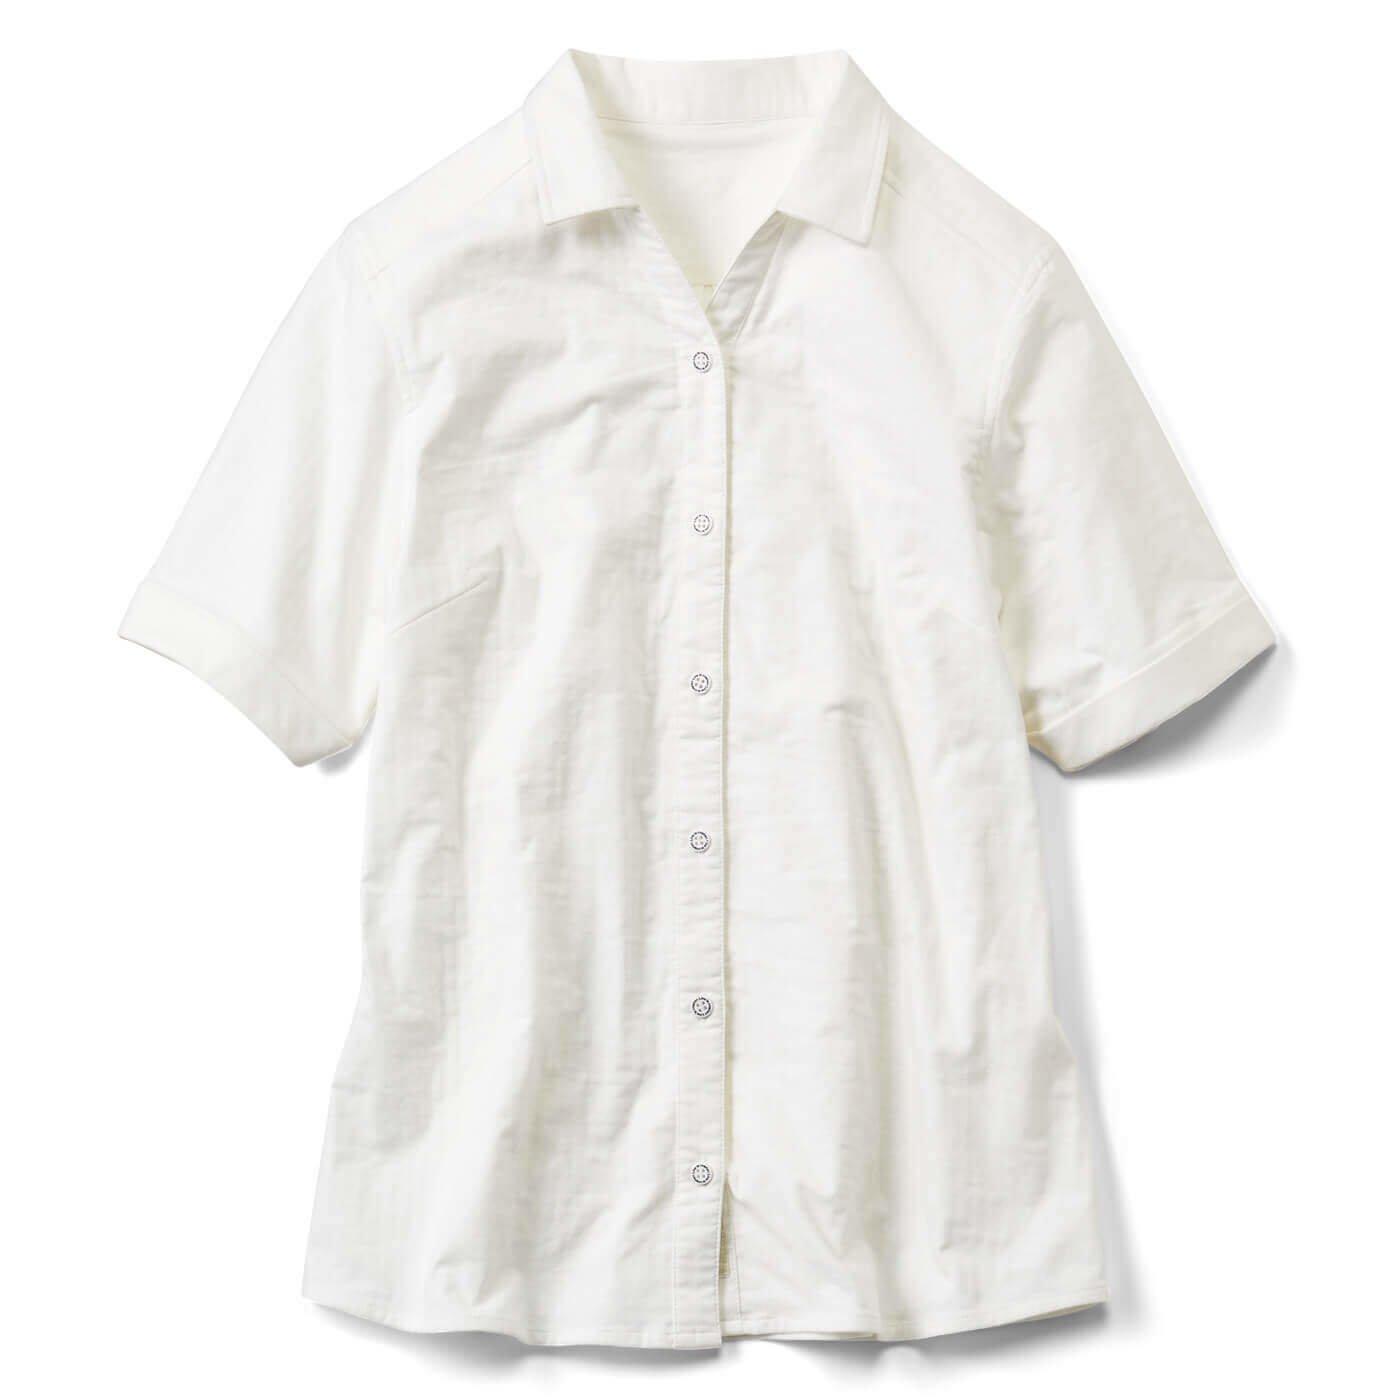 リブ イン コンフォート 肌心地やさしく伸びる! ダブルガーゼスキッパーシャツ〈オフホワイト〉